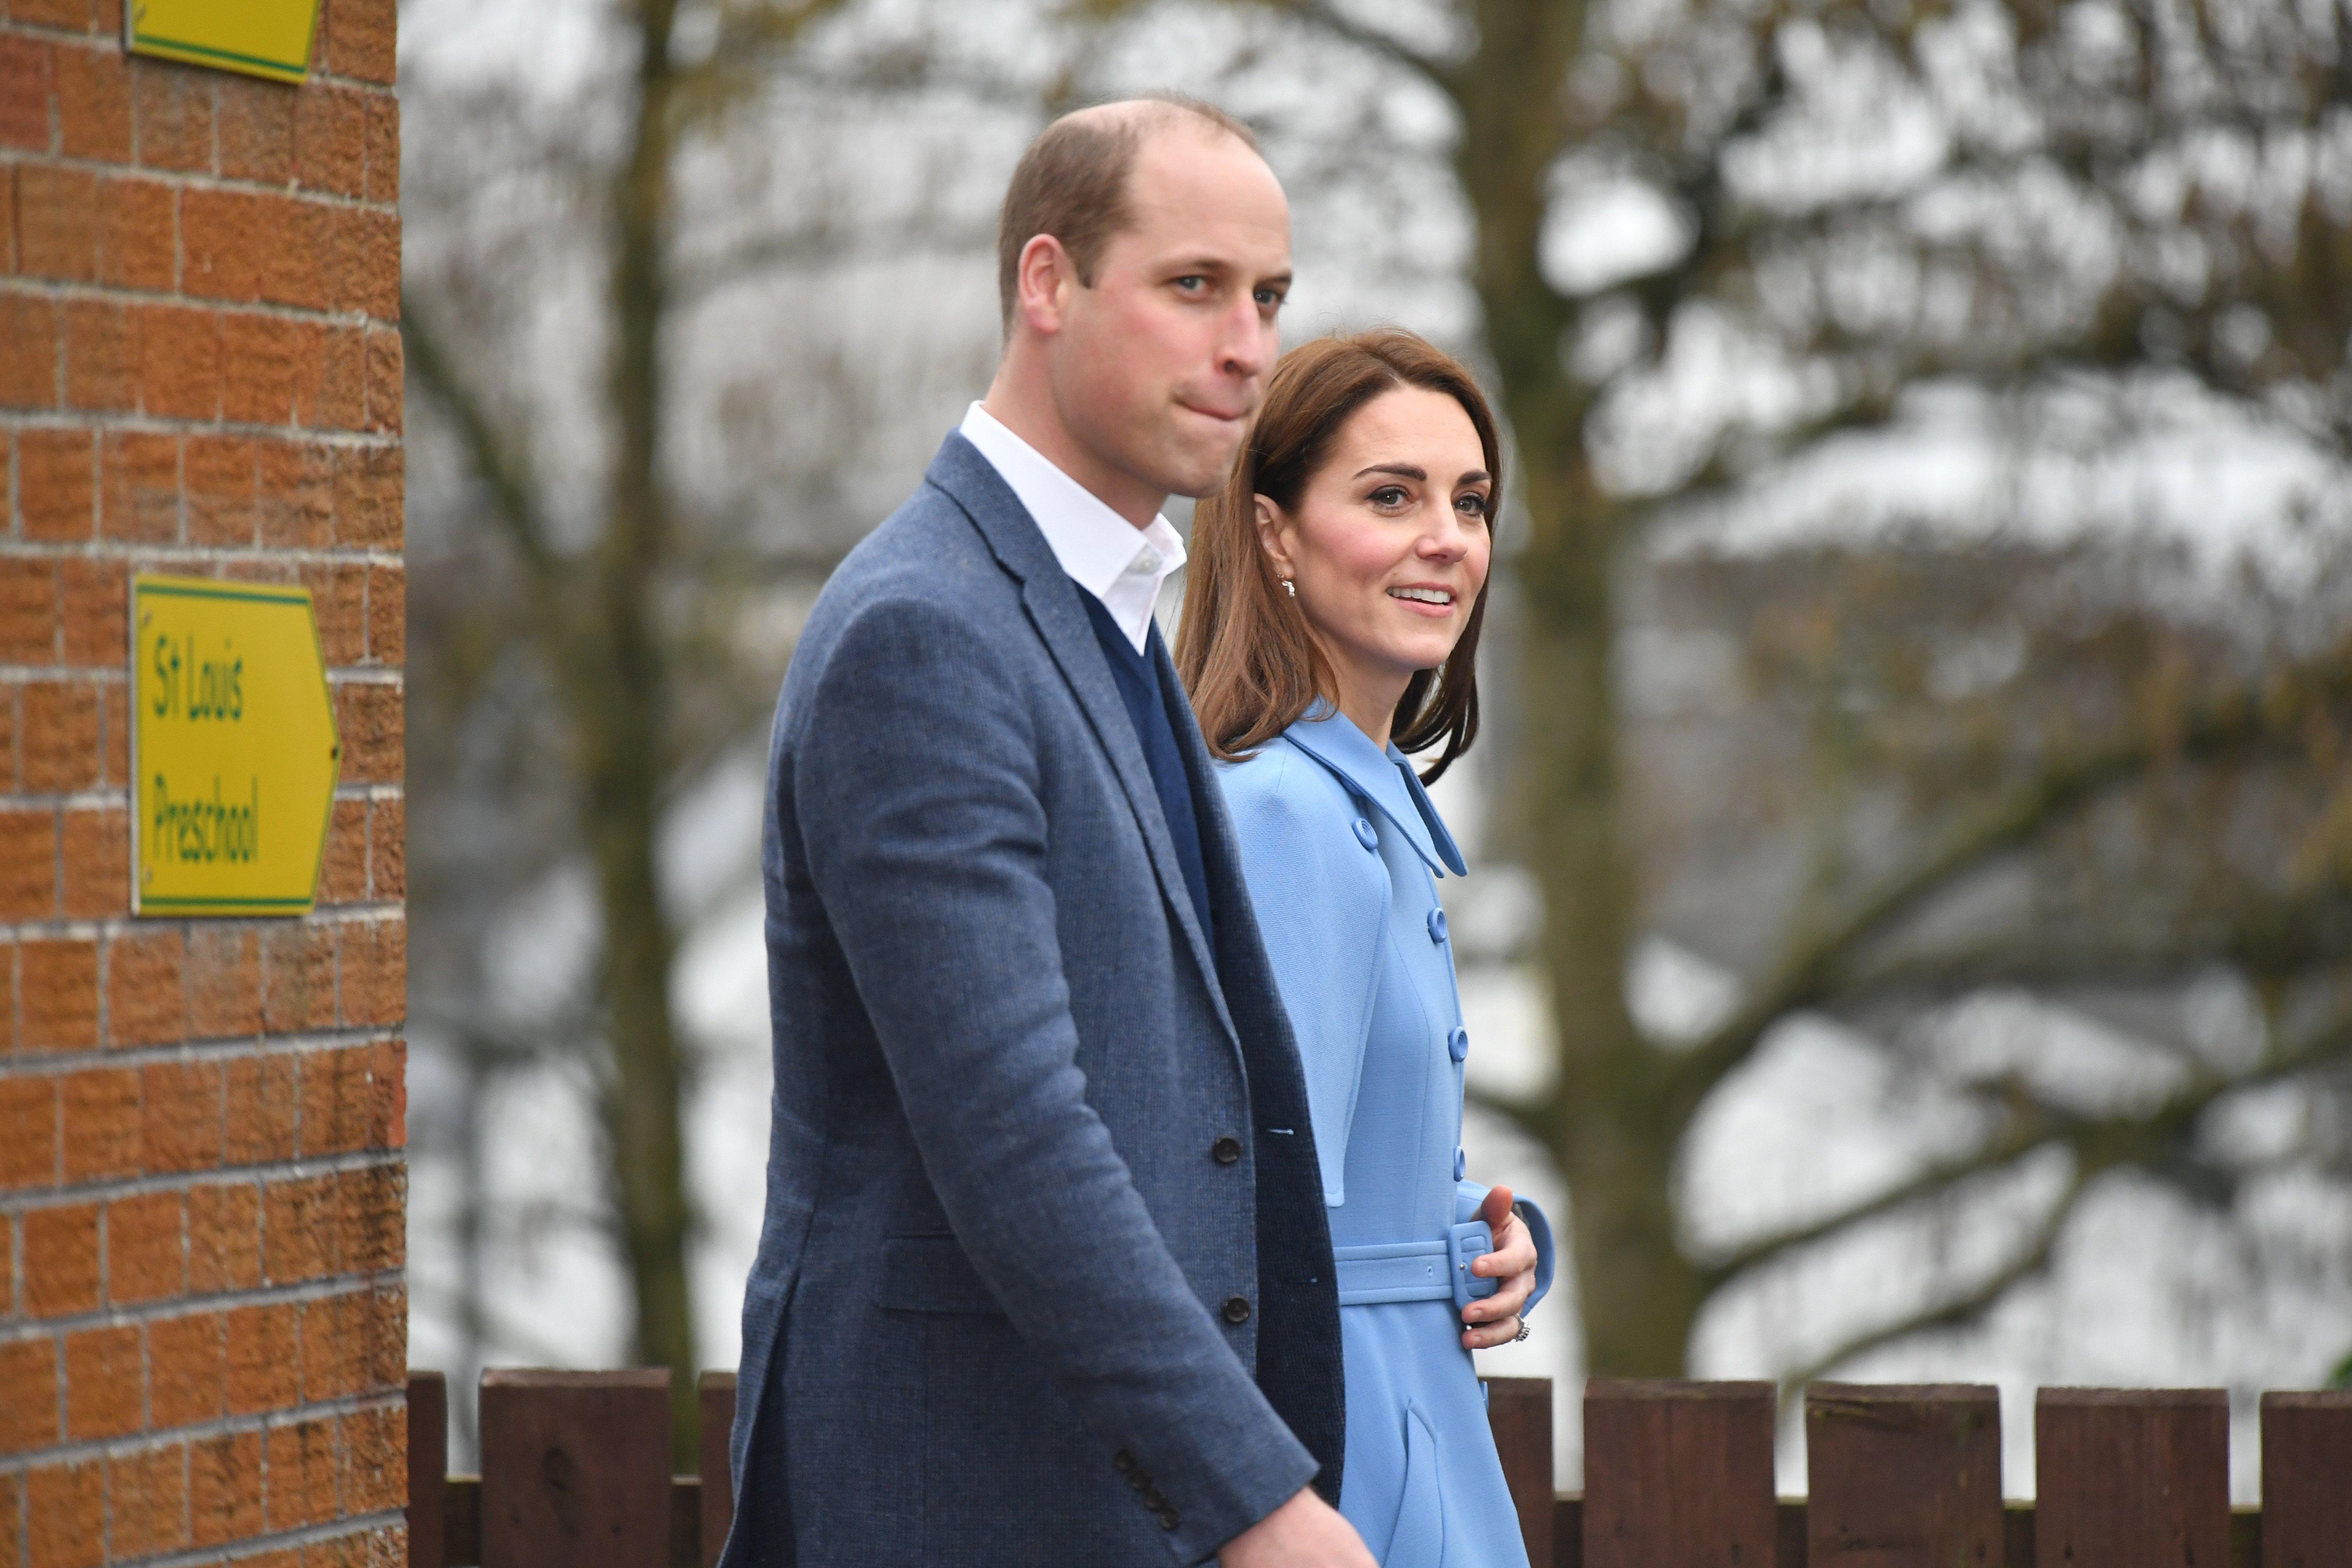 Prinz William und Kate Middleton | Quelle: Getty Images